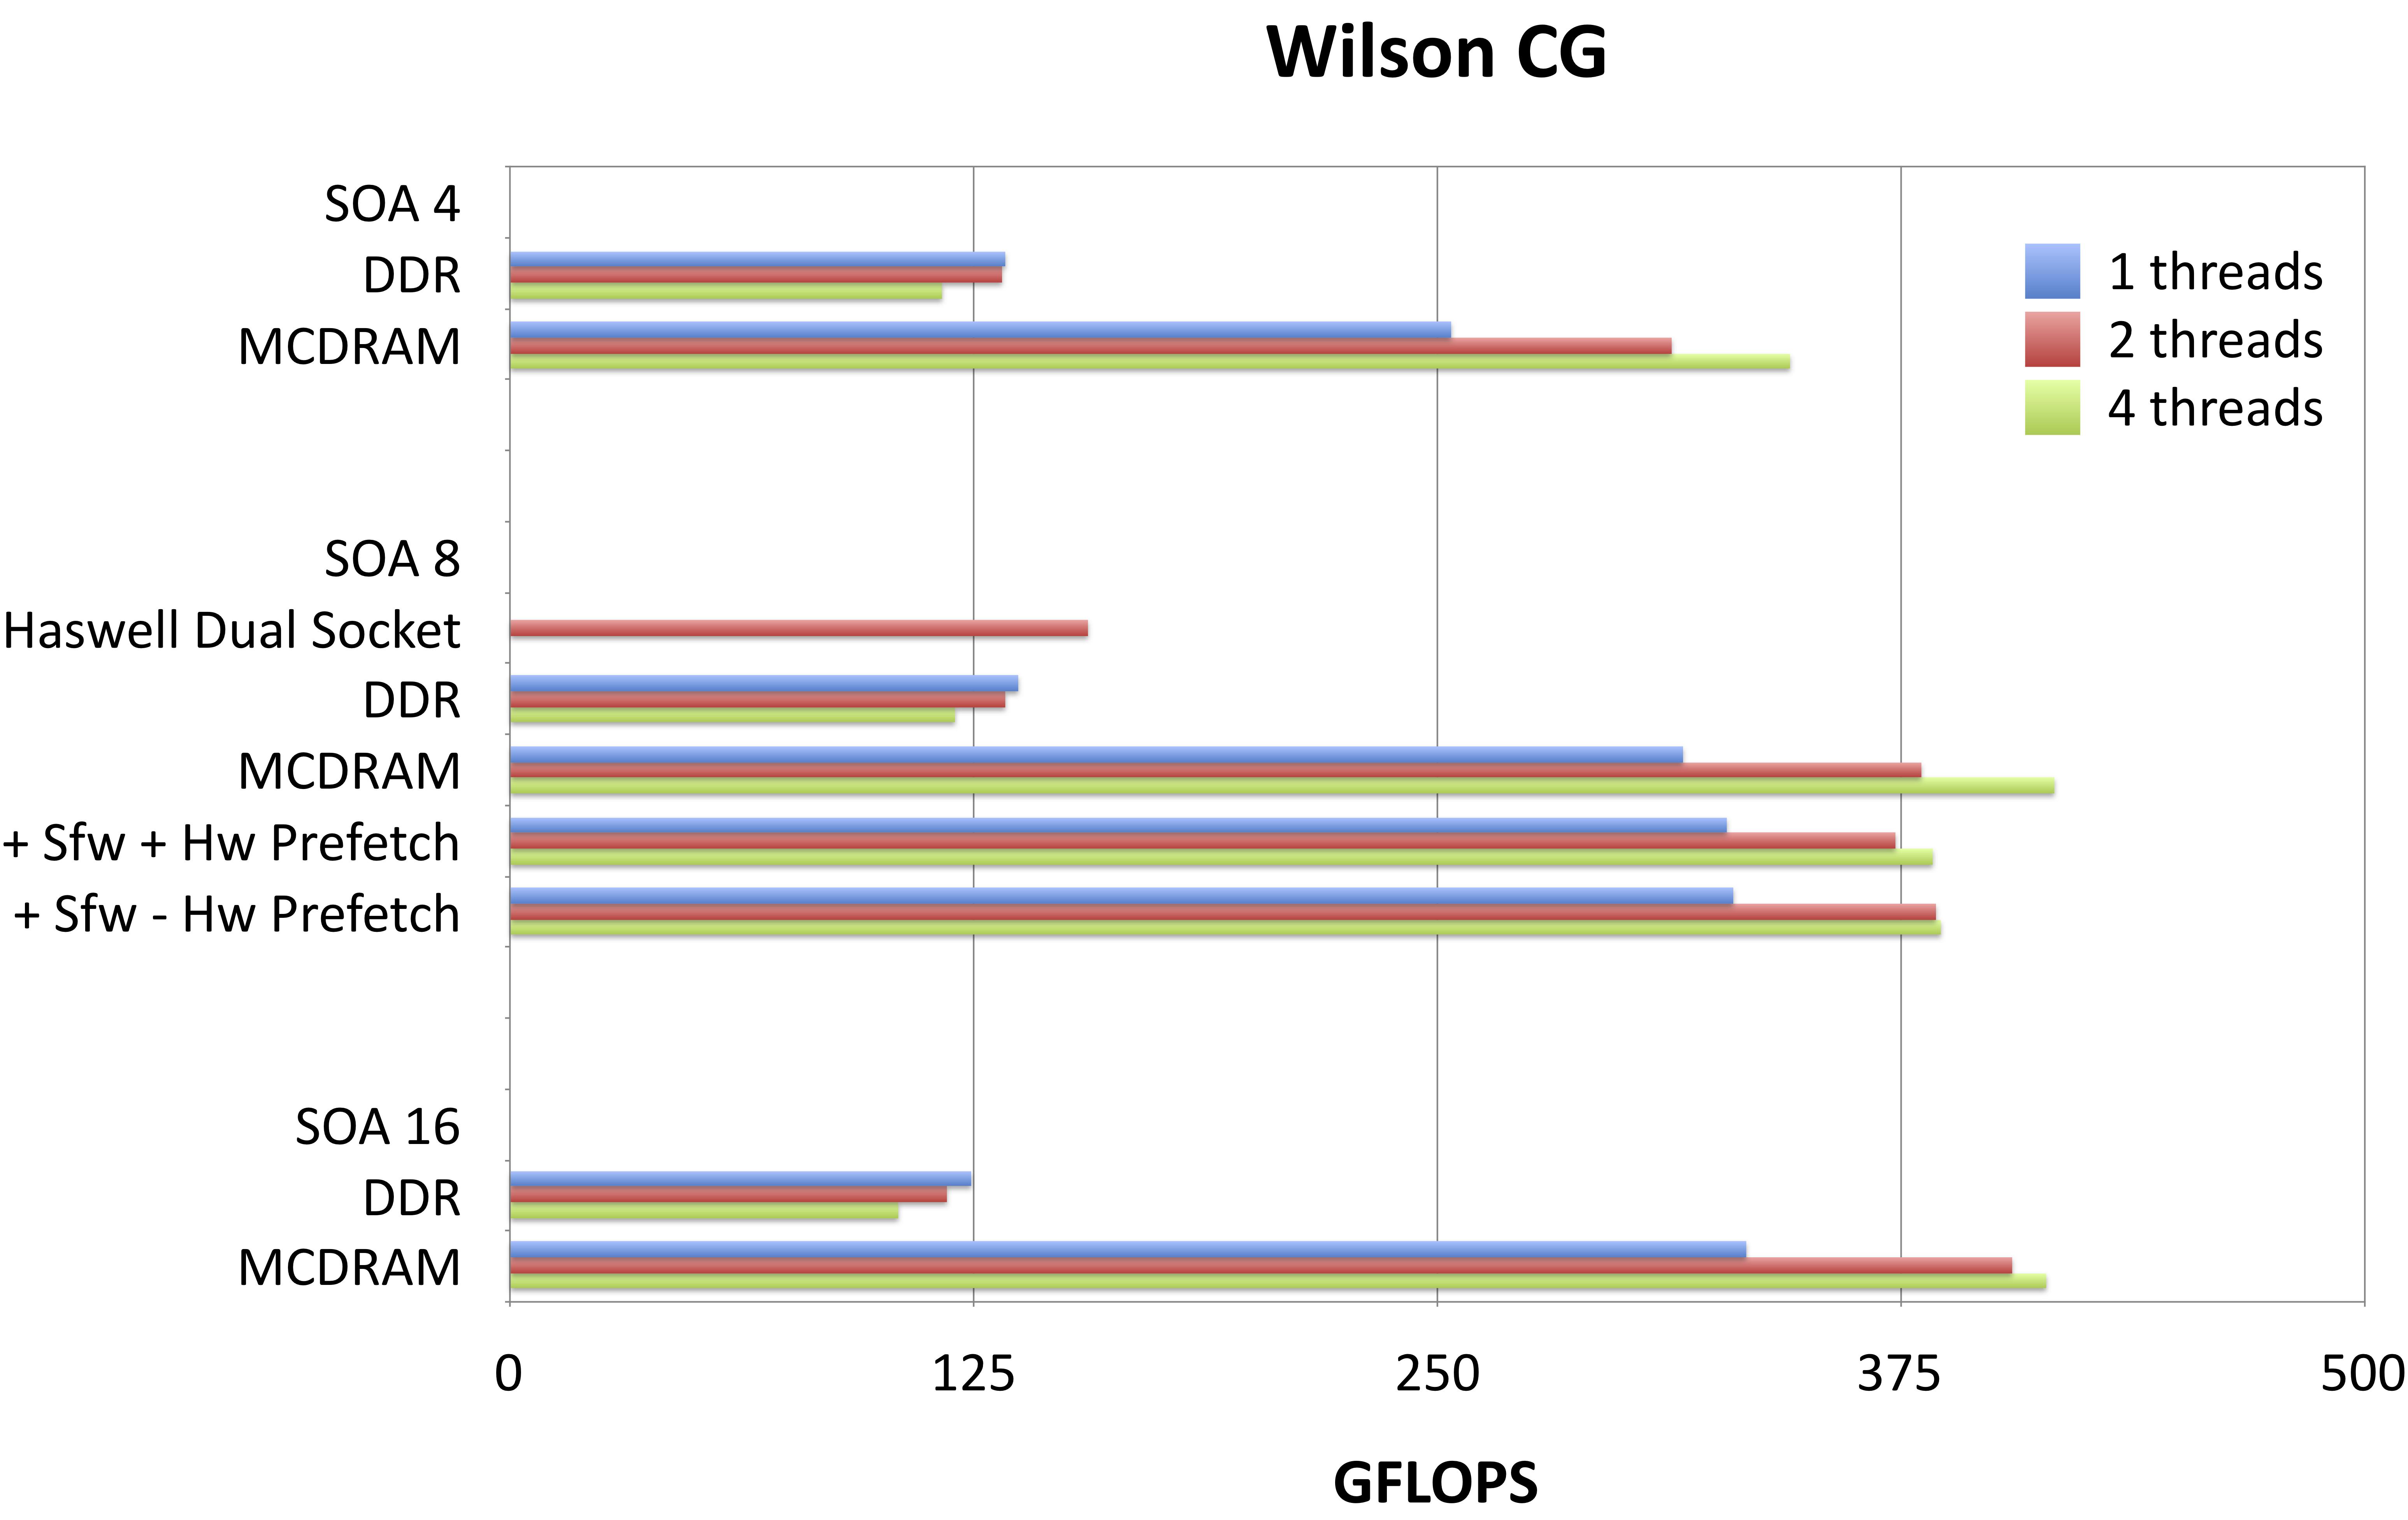 docs/performance/case-studies/qphix/images/wilson_cg_lf.png